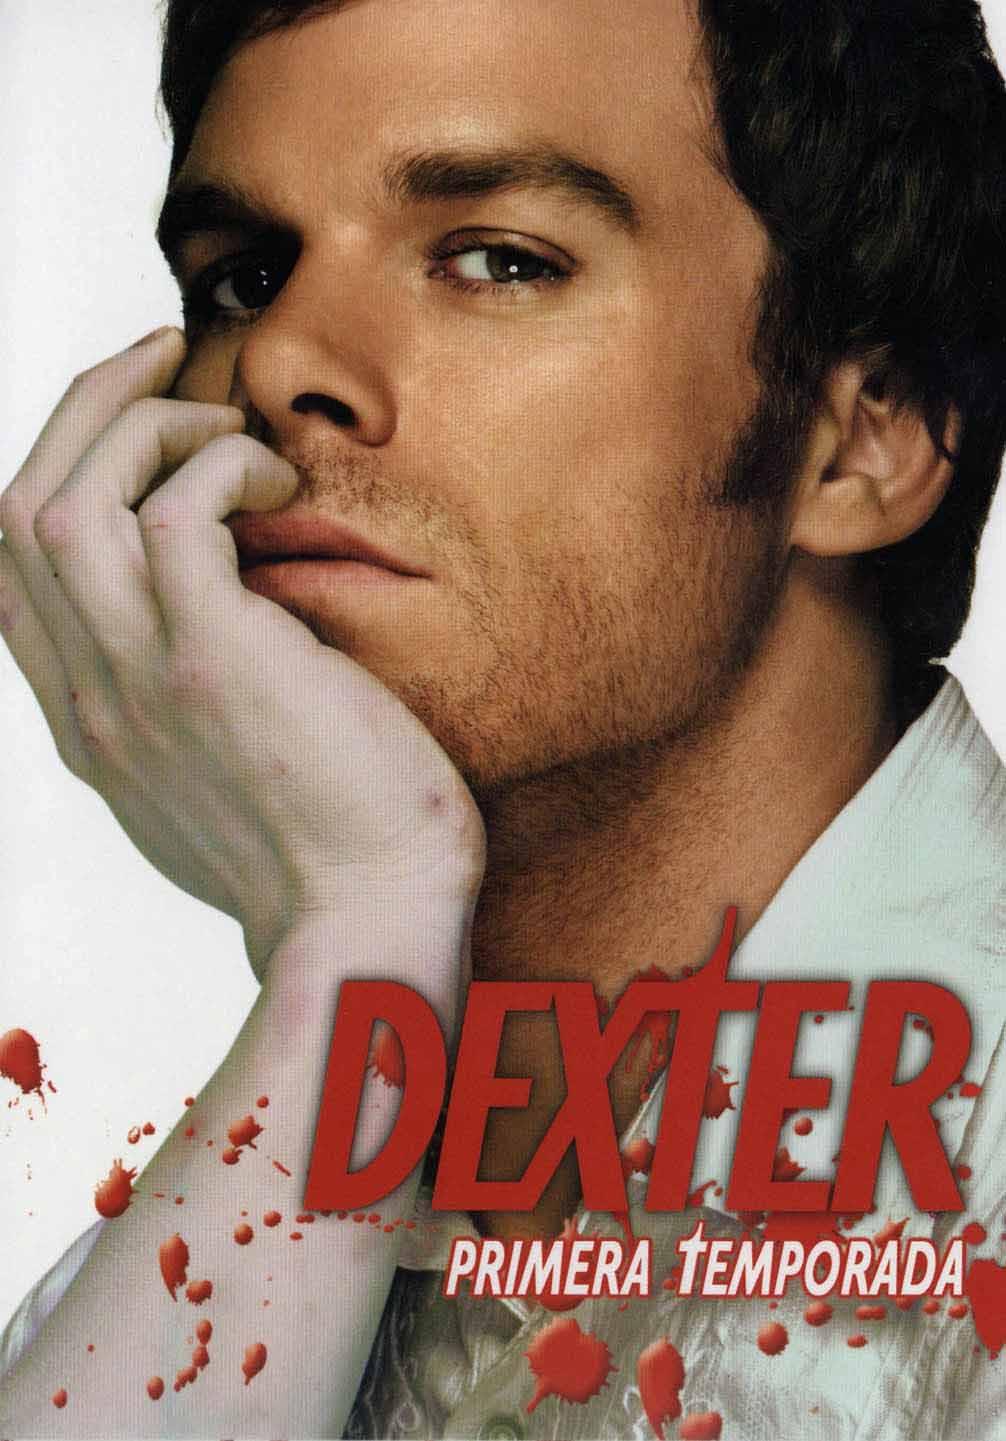 Dexter 1ª Temporada Torrent - BluRay 720p Dublado